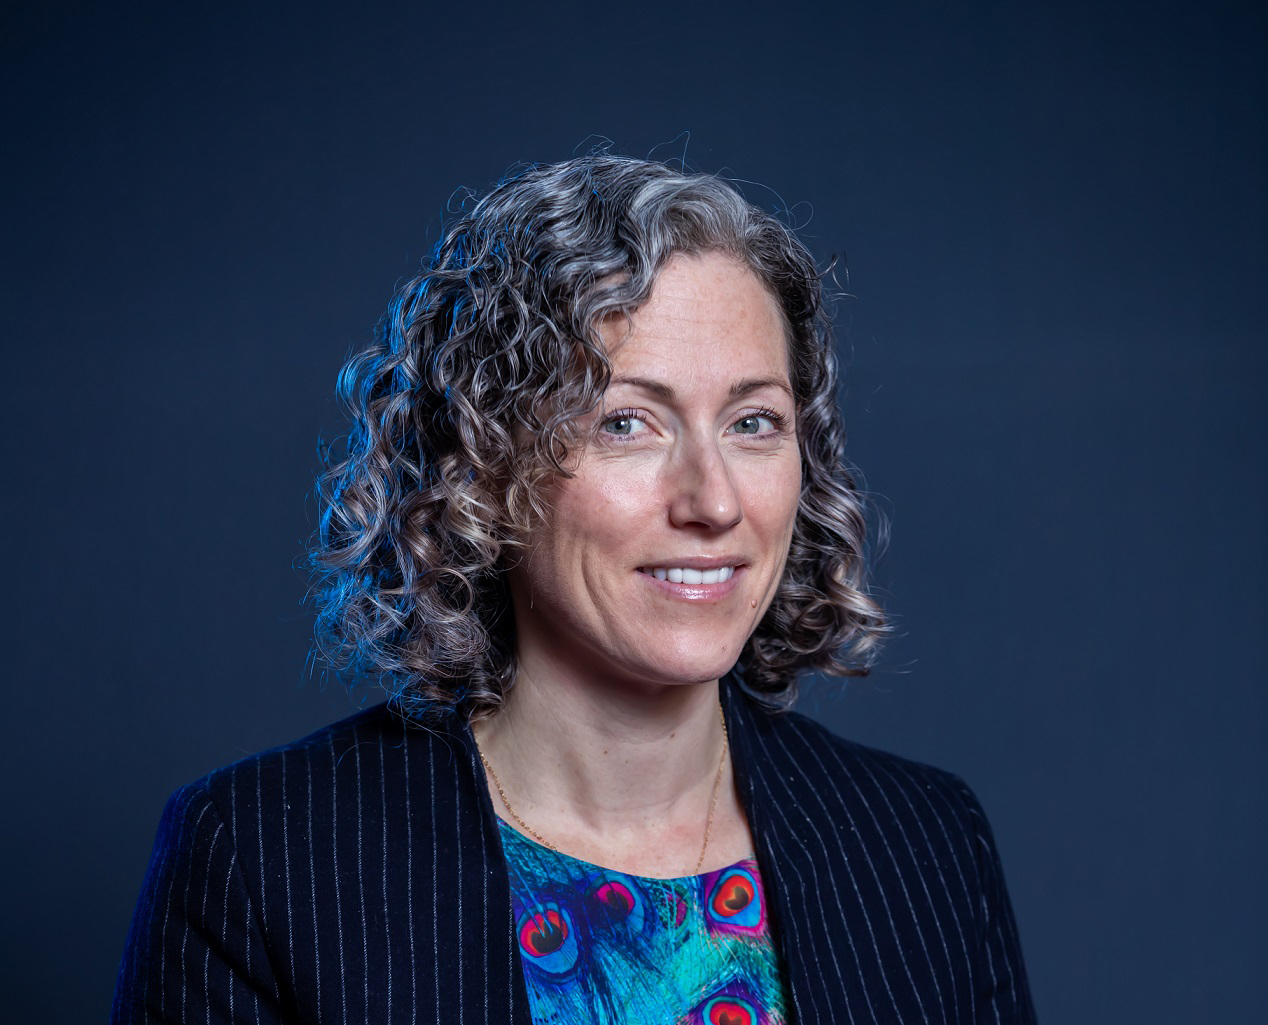 الدكتورة جيني لولر مدير أول في مركز